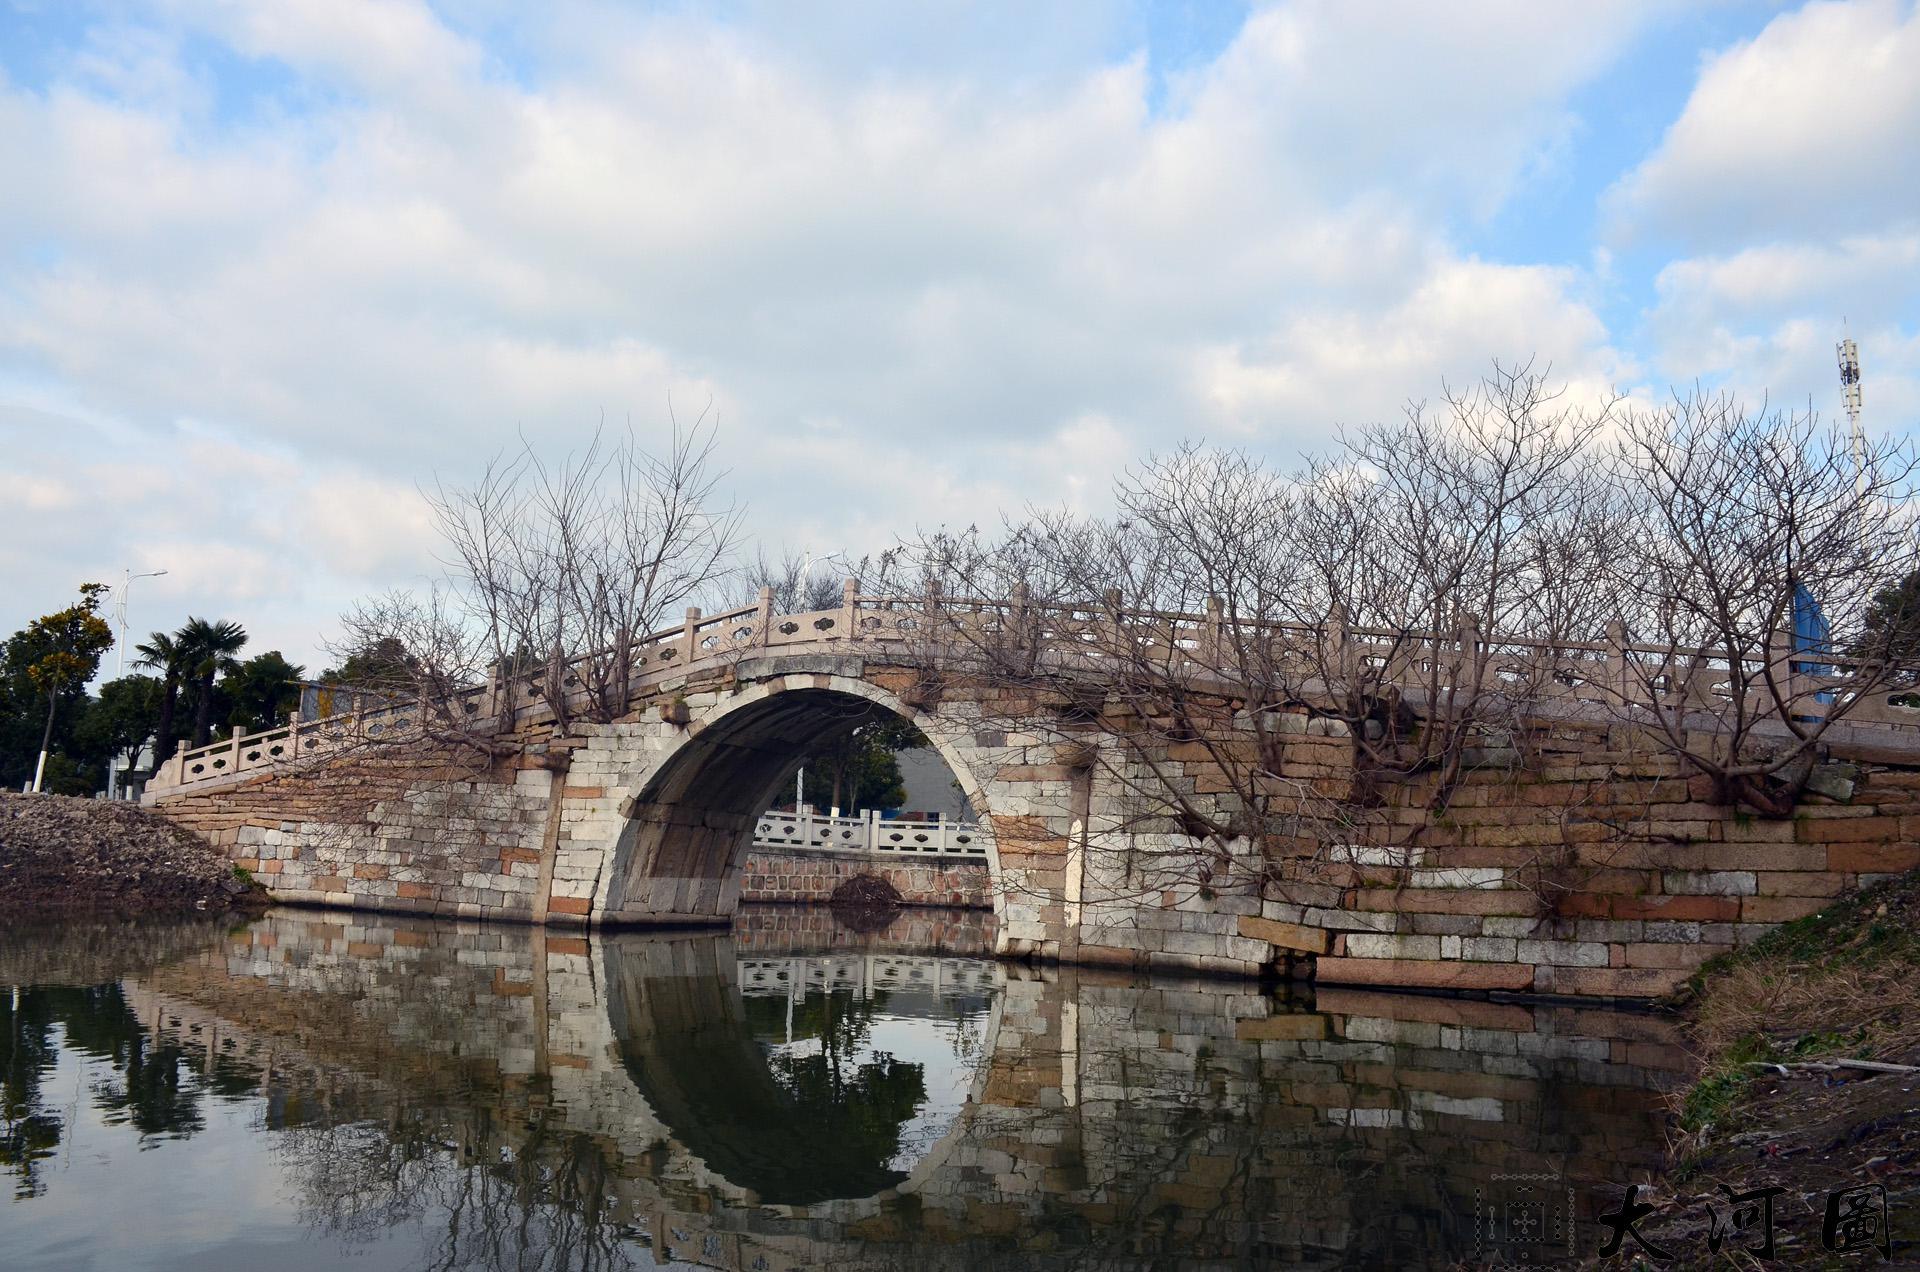 太仓流顺桥位于城厢镇东仓路最北路西侧